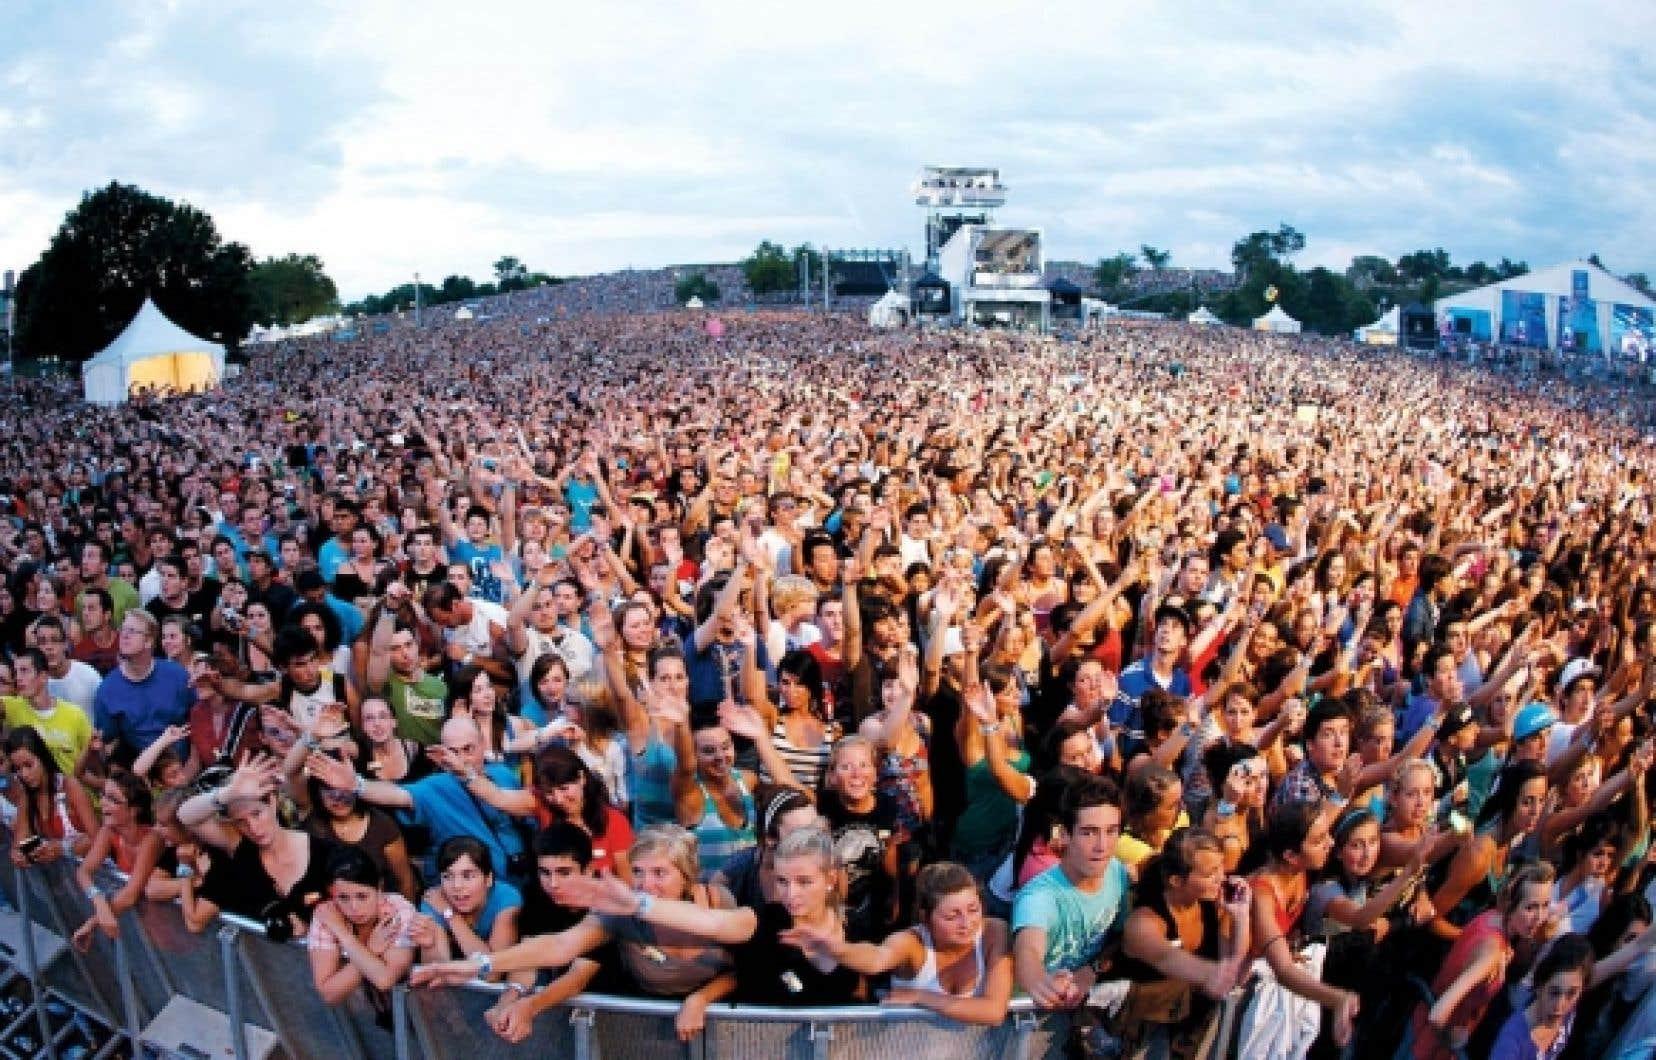 La foule pendant le spectacle des Black Eyed Peas au Festival d'été de Québec<br />